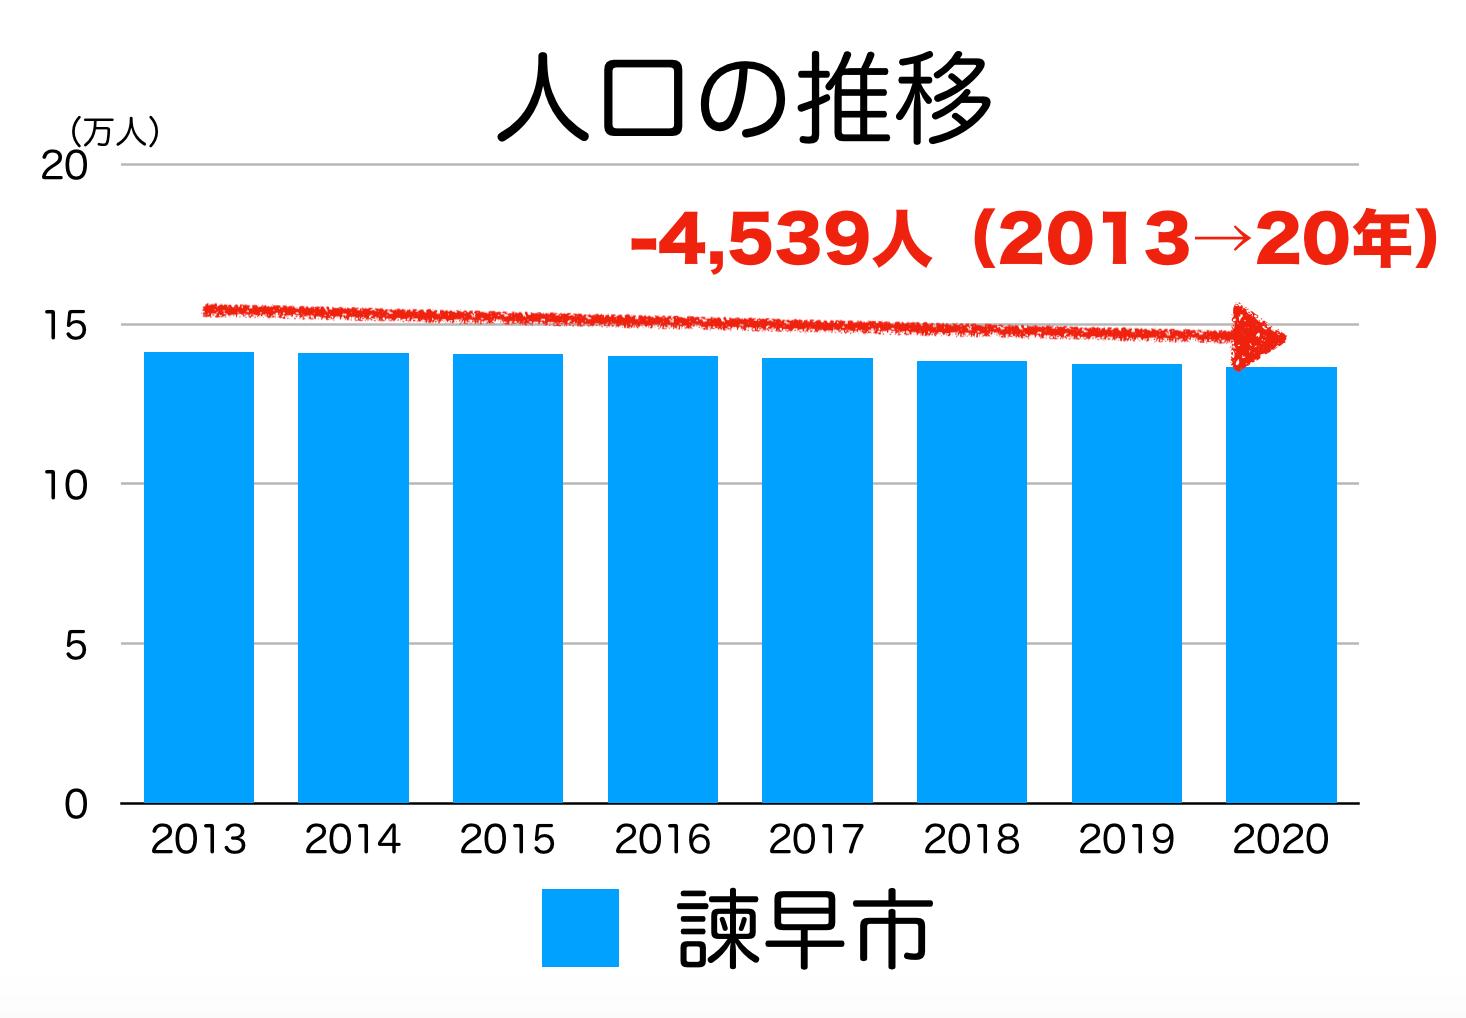 諫早市の人口推移